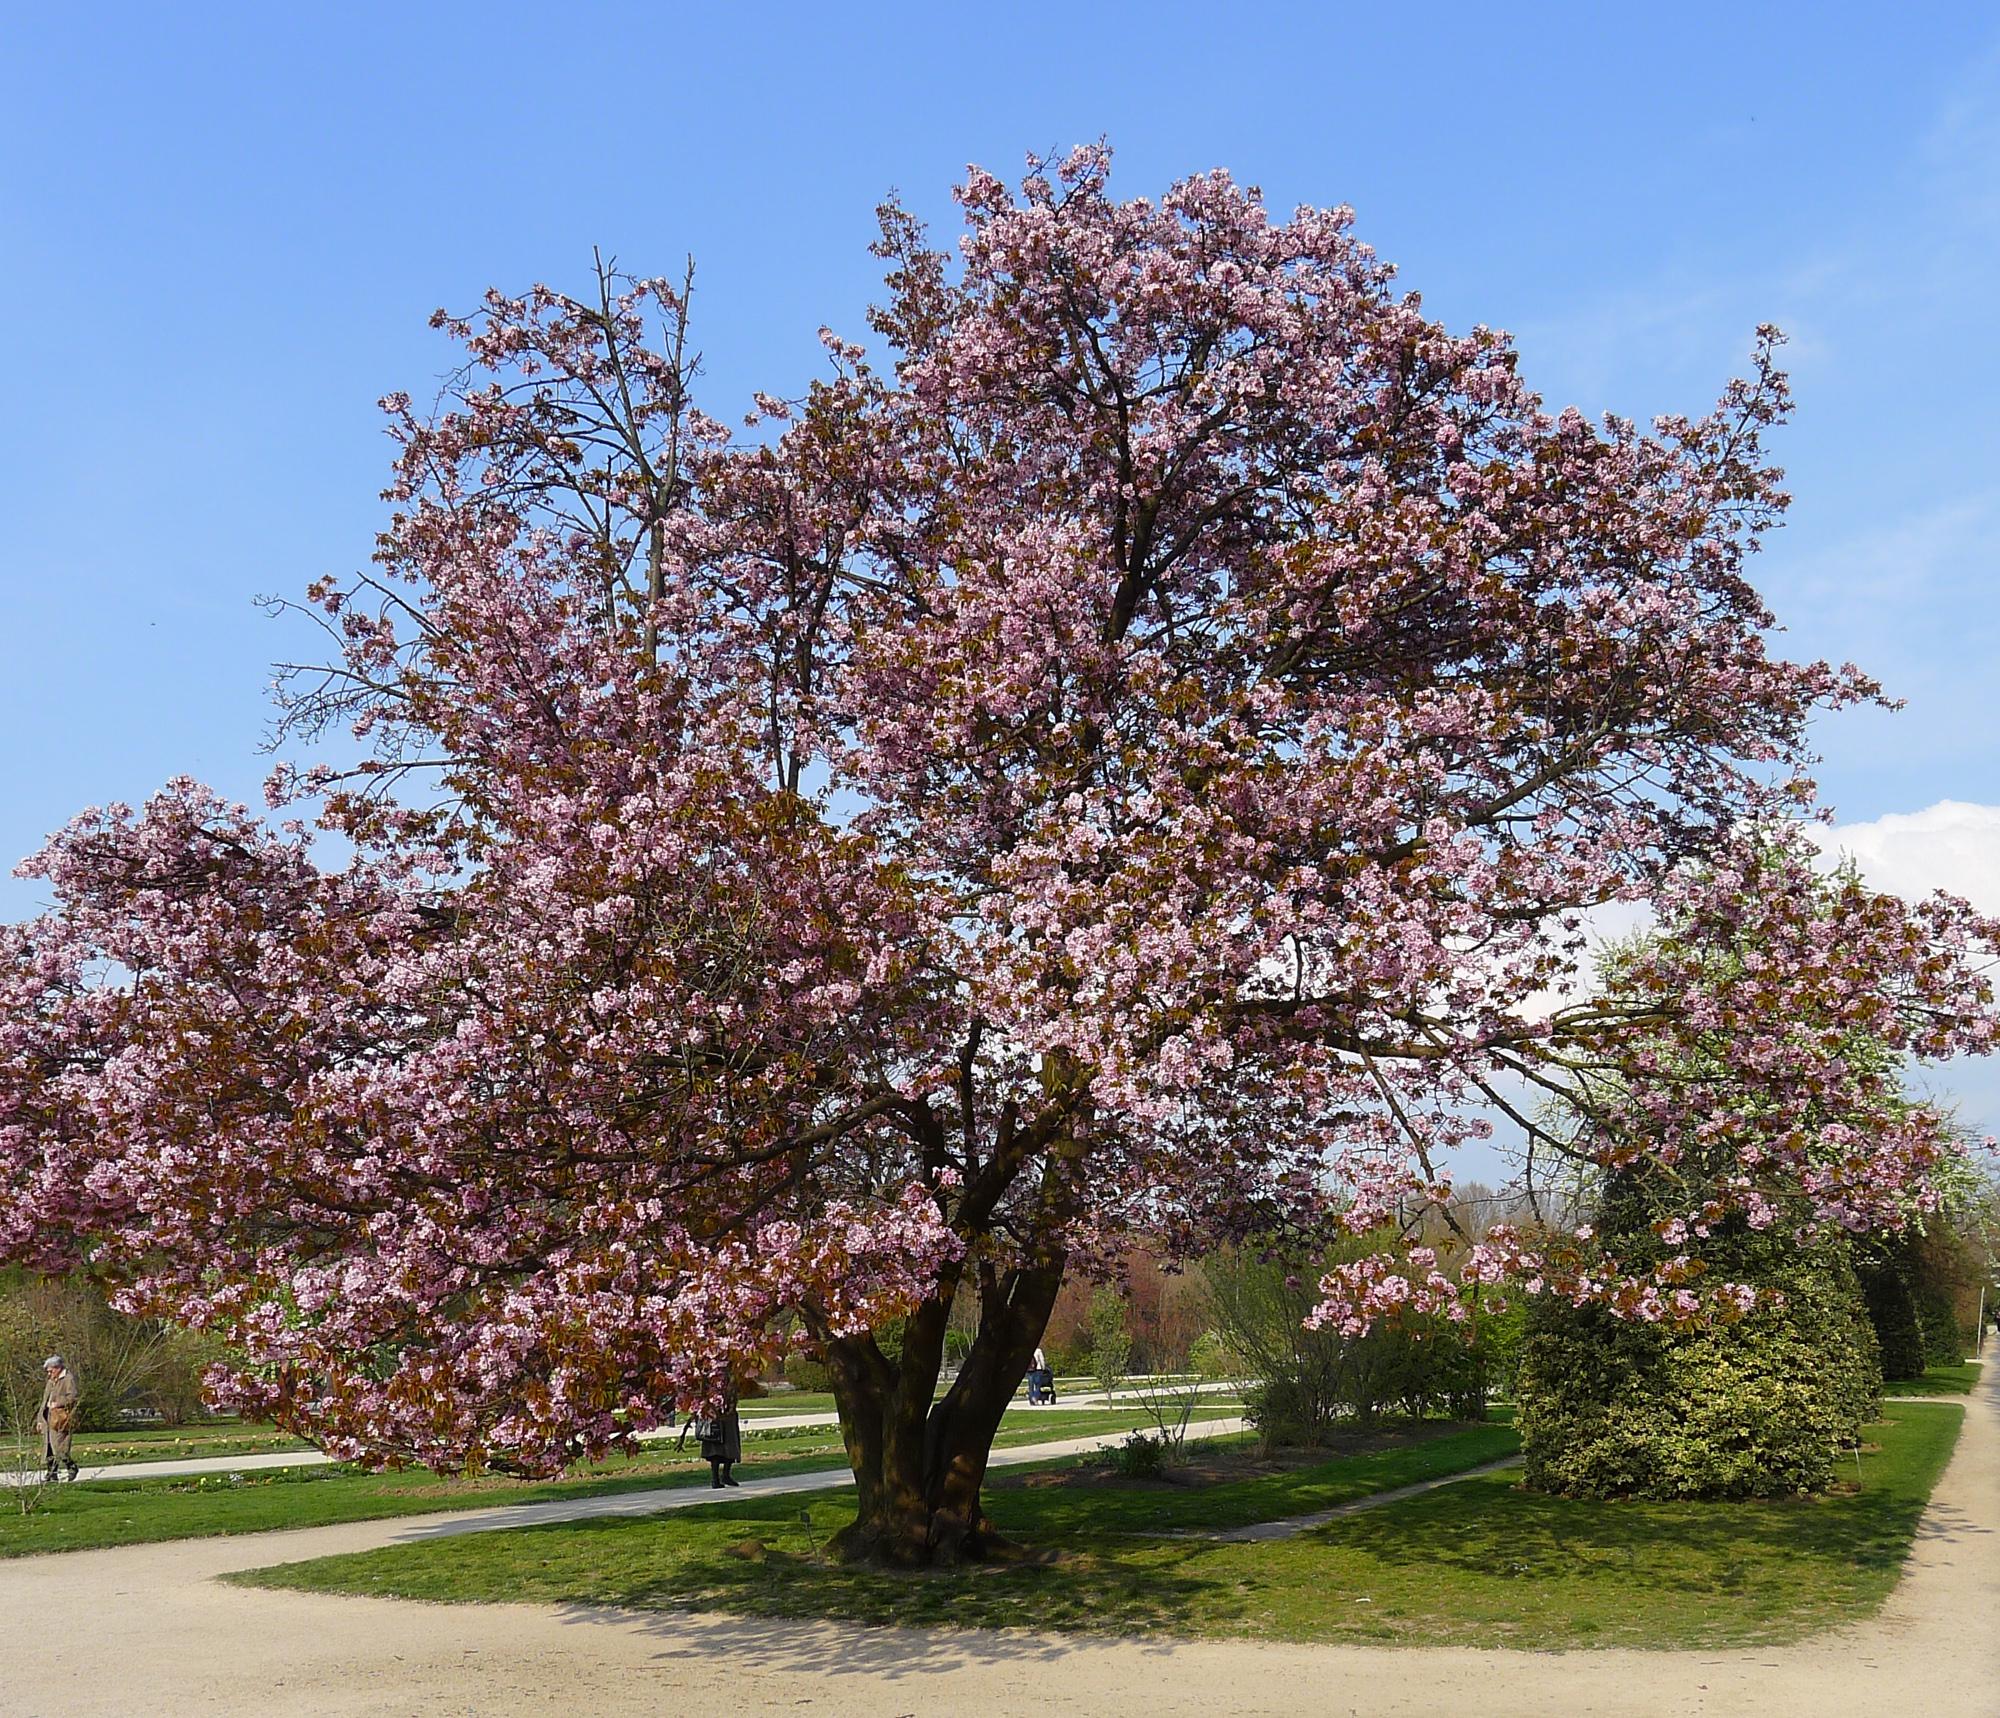 Hauteur Cerisier Du Japon fichier:p1240517 paris v jardin des plantes cerisier du